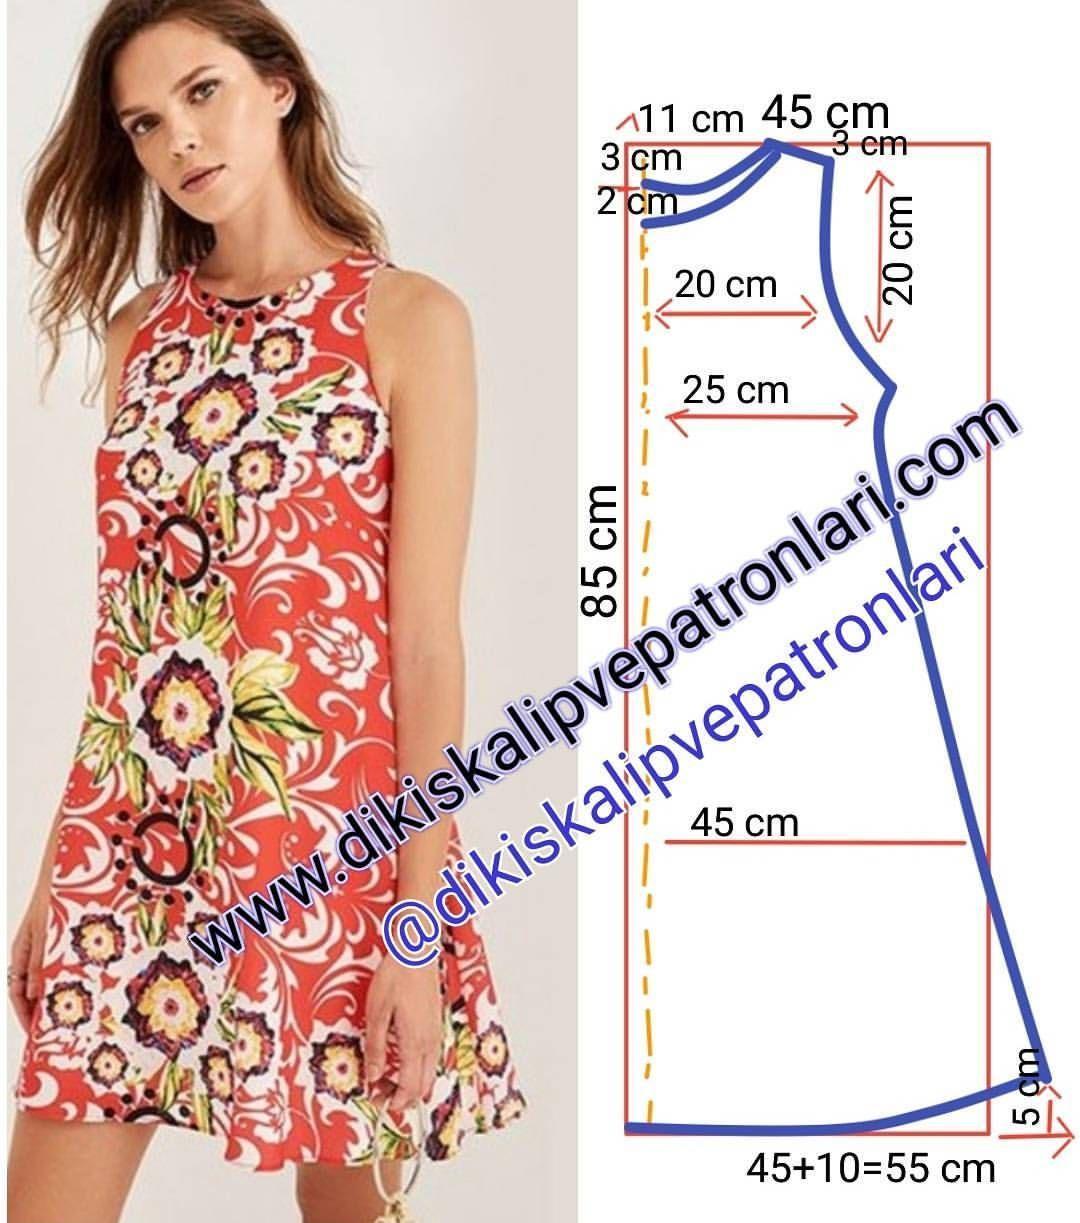 new product 6eeac a509c Immagine correlata | AAAAAAAAA | Tutorial vestito cucito ...